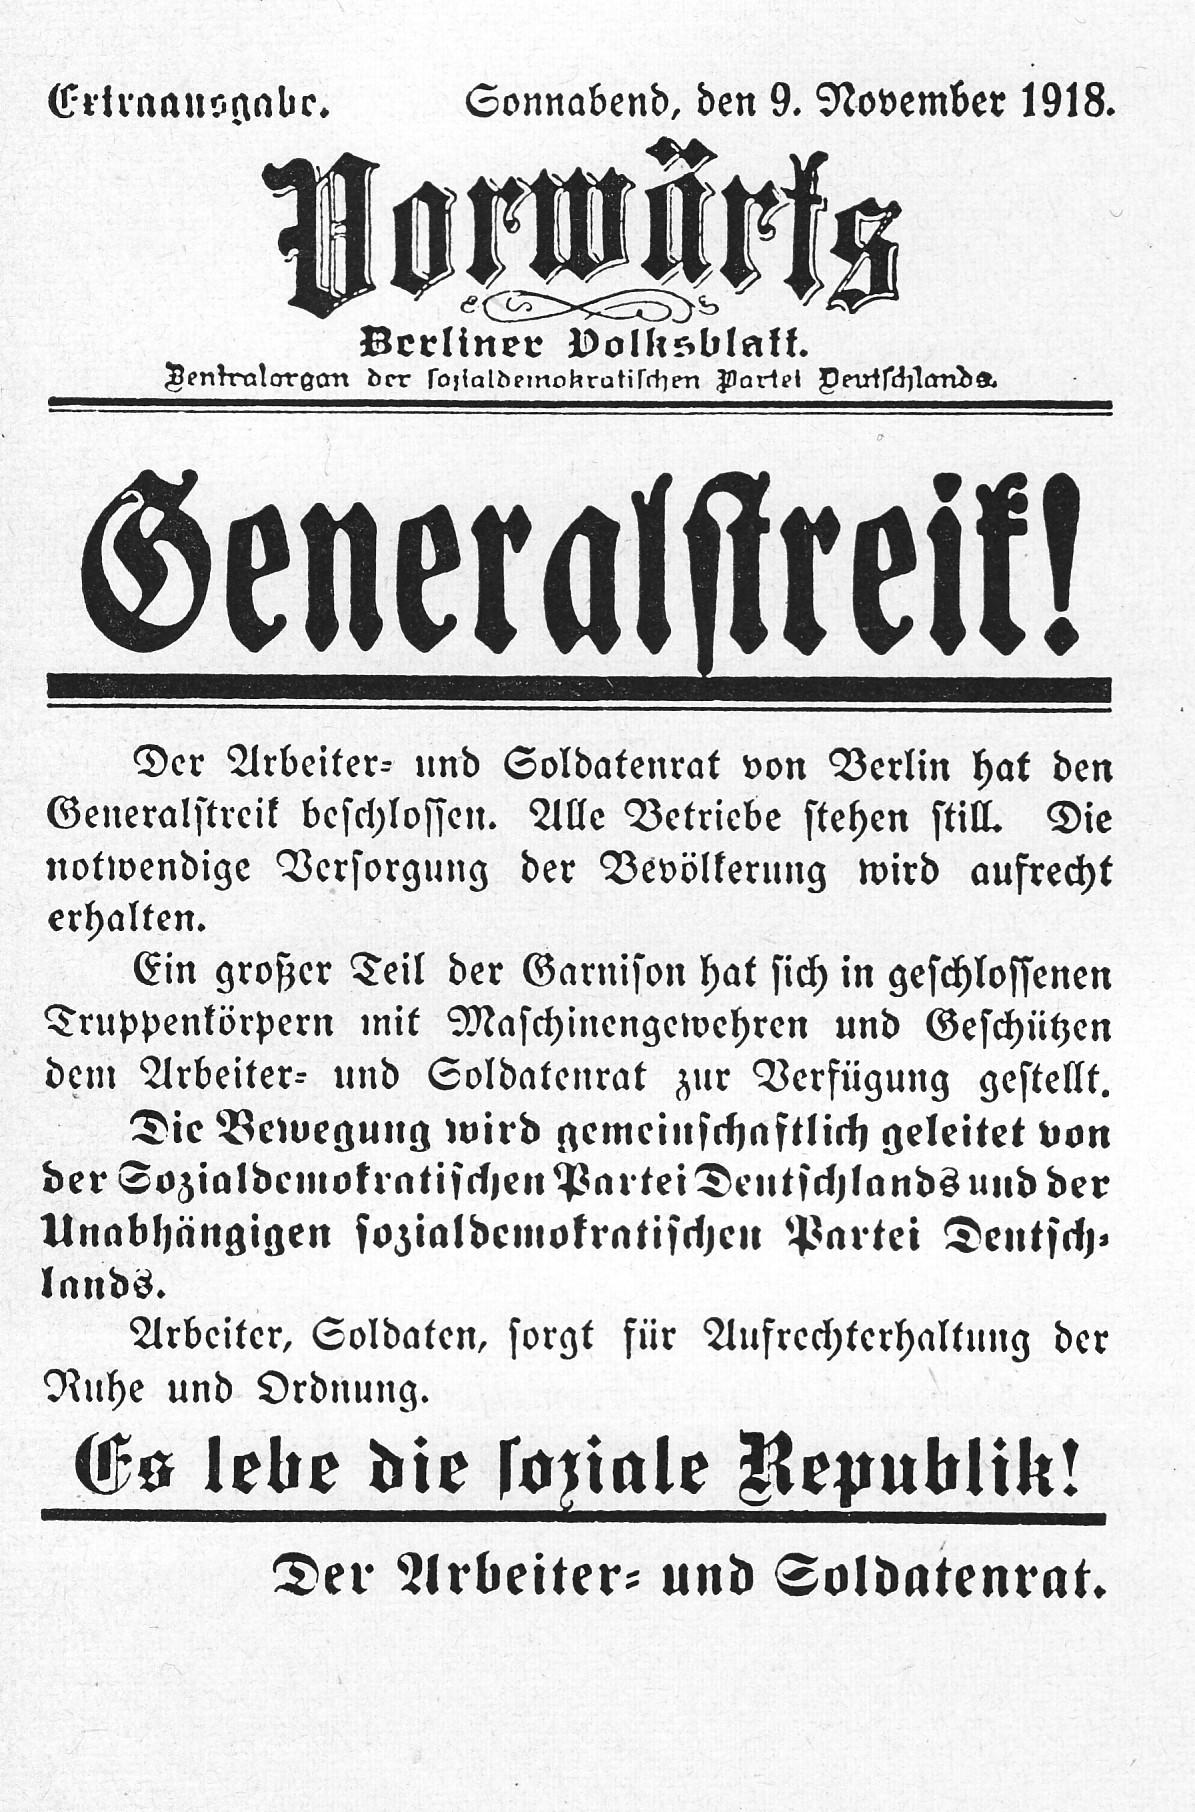 Novemberrevolution: Ausgabe des Vorwärts vom 9. November 1918